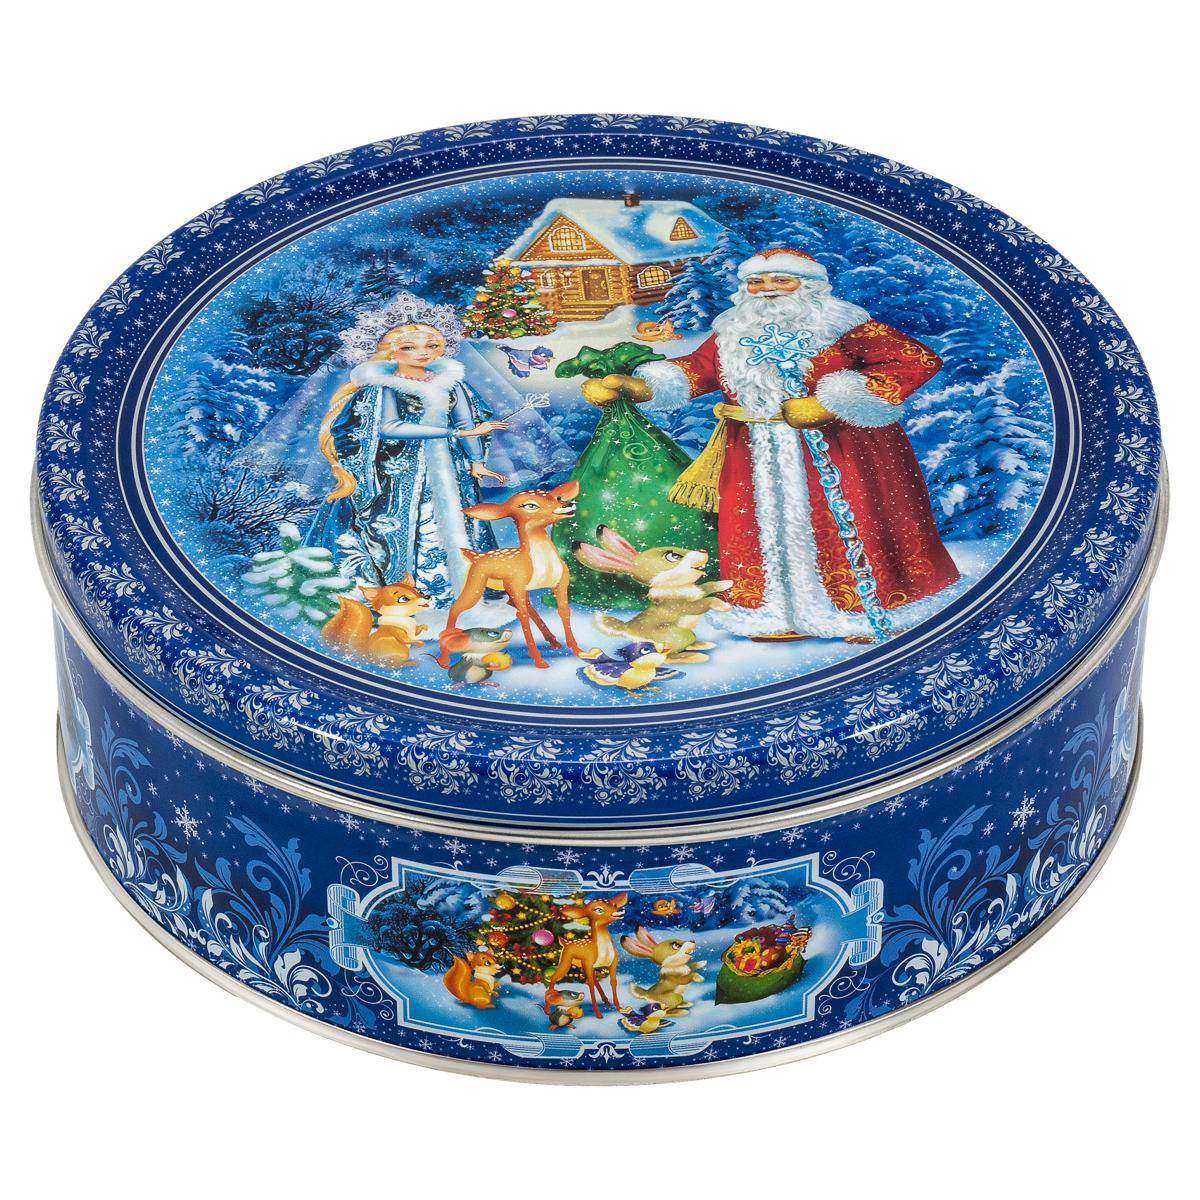 Сладкая Сказка Печенье Дед Мороз и Снегурочка, 400 гMC-4-19_синийЯркая подарочная банка с печеньем Дед Мороз и Снегурочка станет прекрасным подарком детям, близким, друзьям и коллегам на Новый год или Рождество.В каждой банке – 400 грамм сдобного печенья. Оно не только вкусное, но и полезное.Натуральные ингредиенты, сливочное масло, кукурузный крахмал и пшеничная мука, входящие в состав продукта, содержат целый ряд витаминов, минералов и аминокислот.На крышке изображены главные герои новогодних праздников — Дед Мороз и Снегурочка. Такая банка украсит любой праздничный стол!